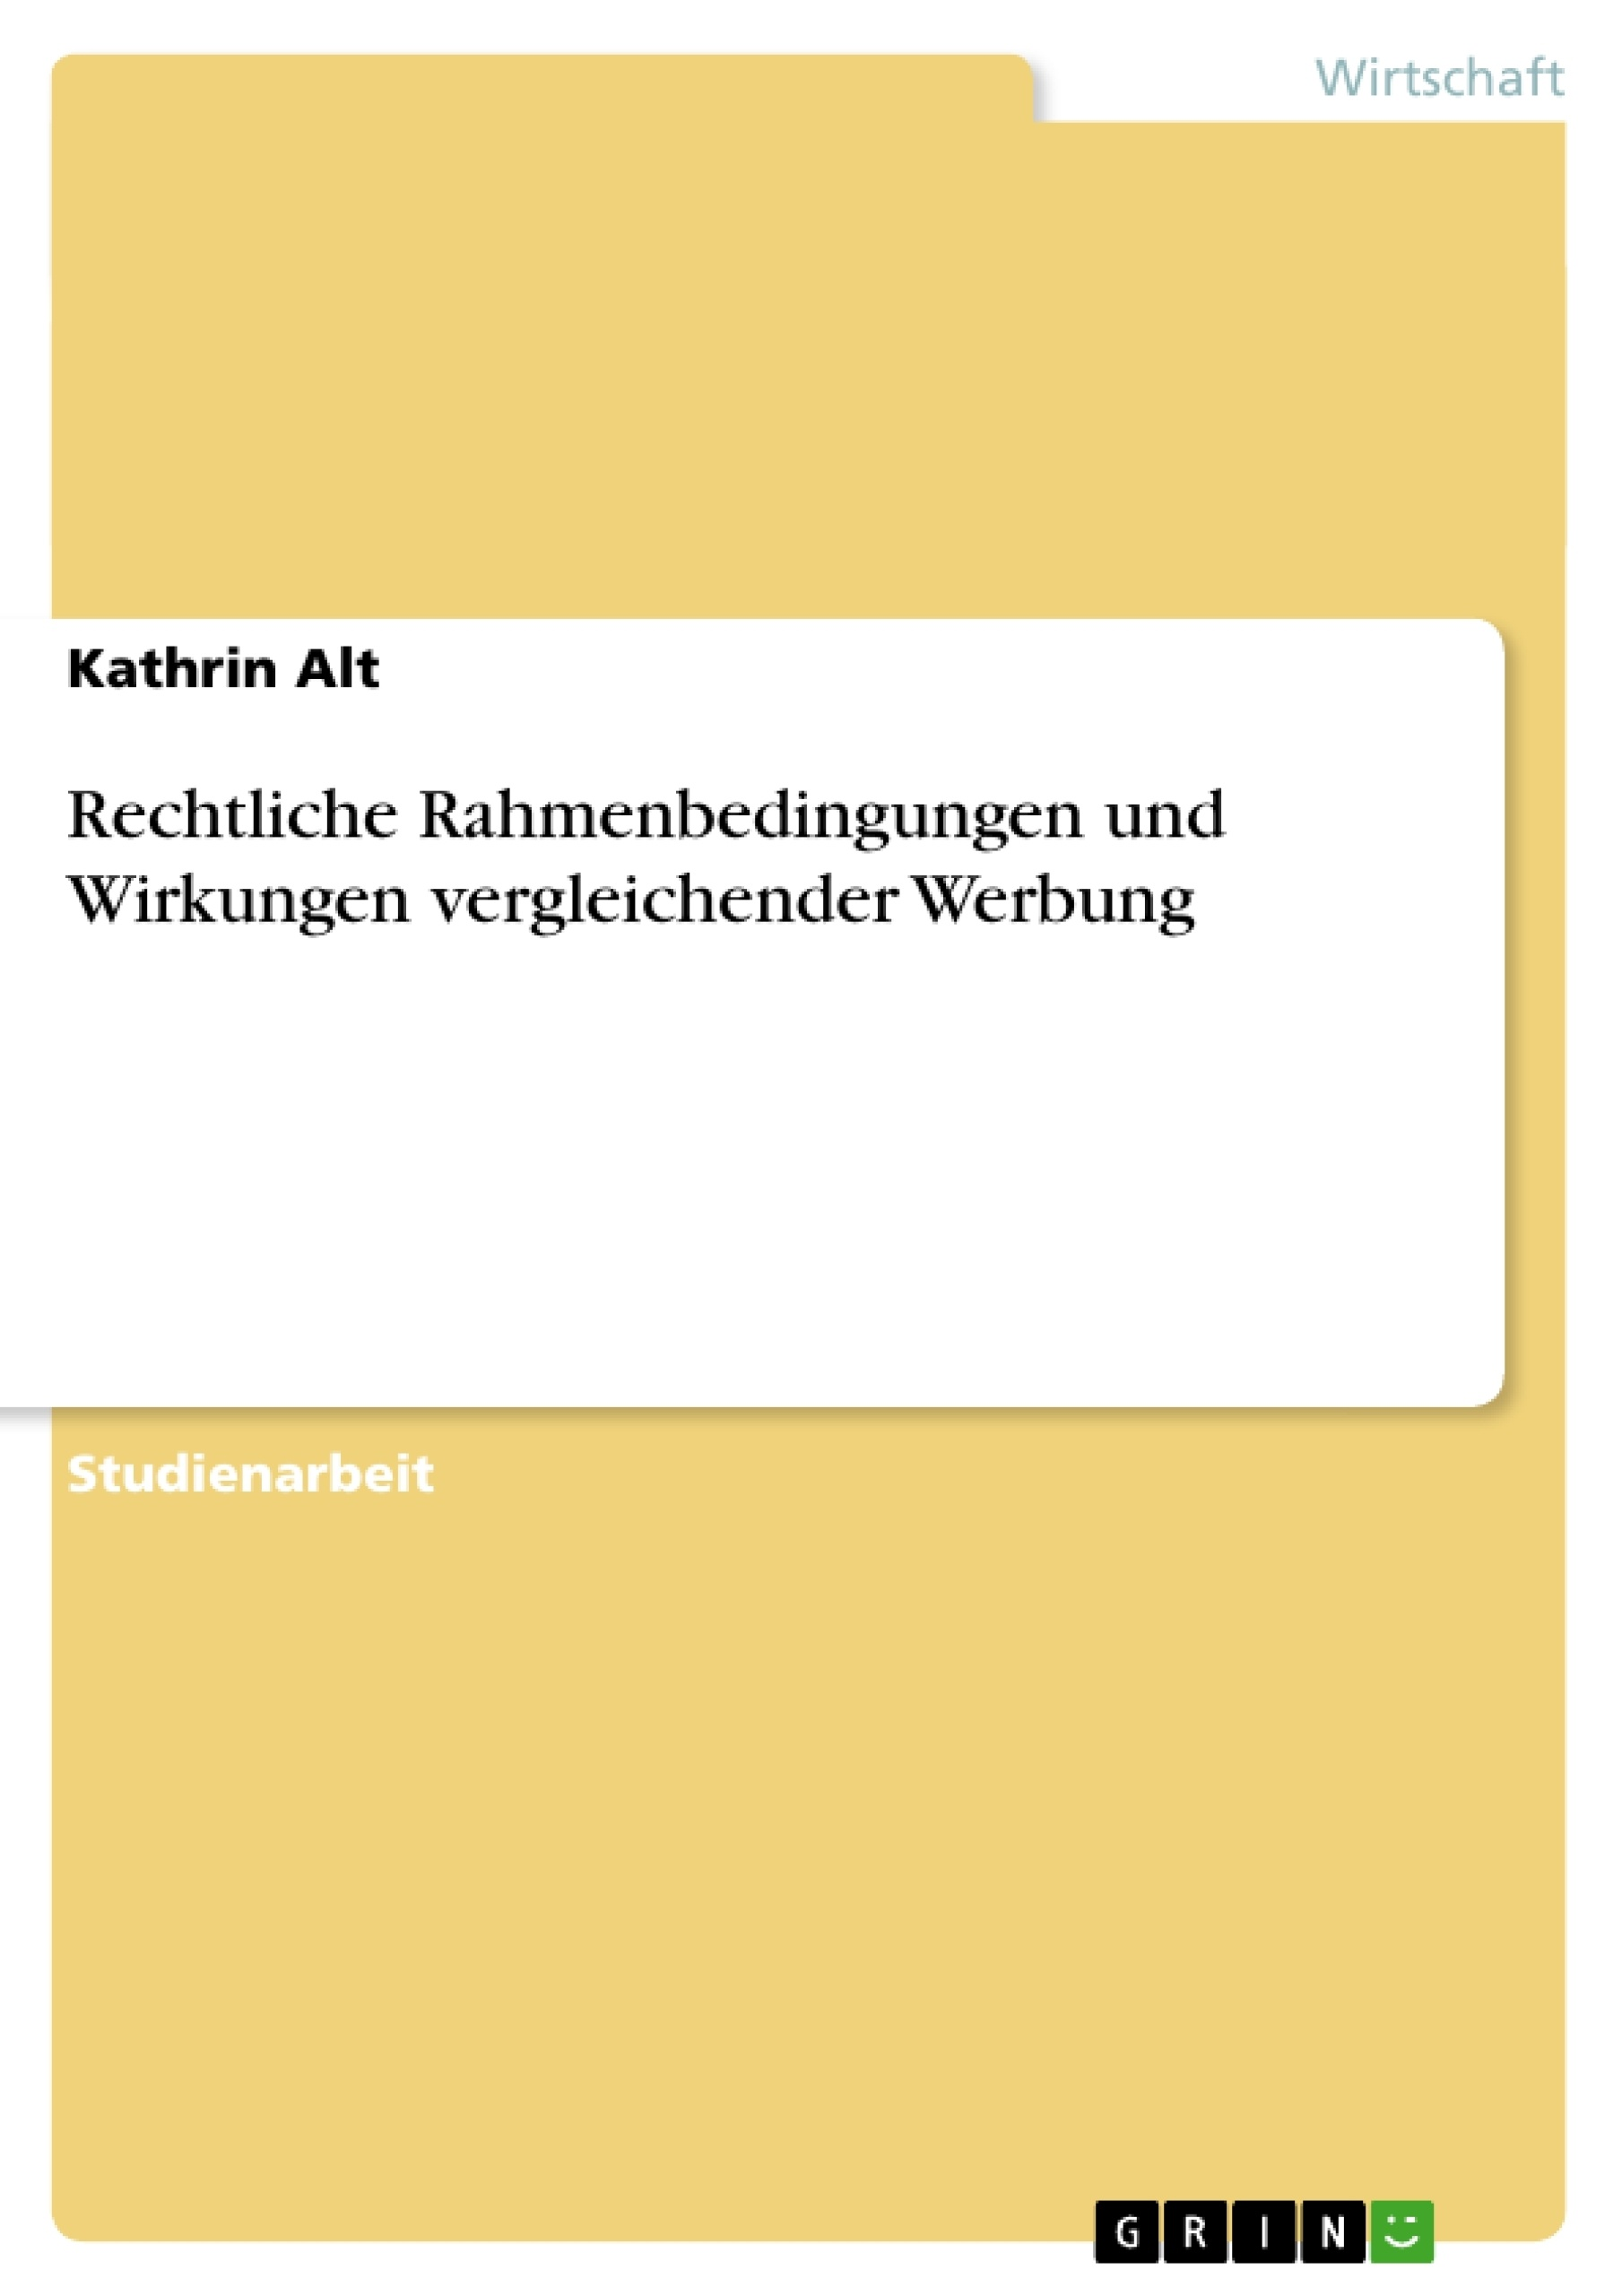 Titel: Rechtliche Rahmenbedingungen und Wirkungen vergleichender Werbung